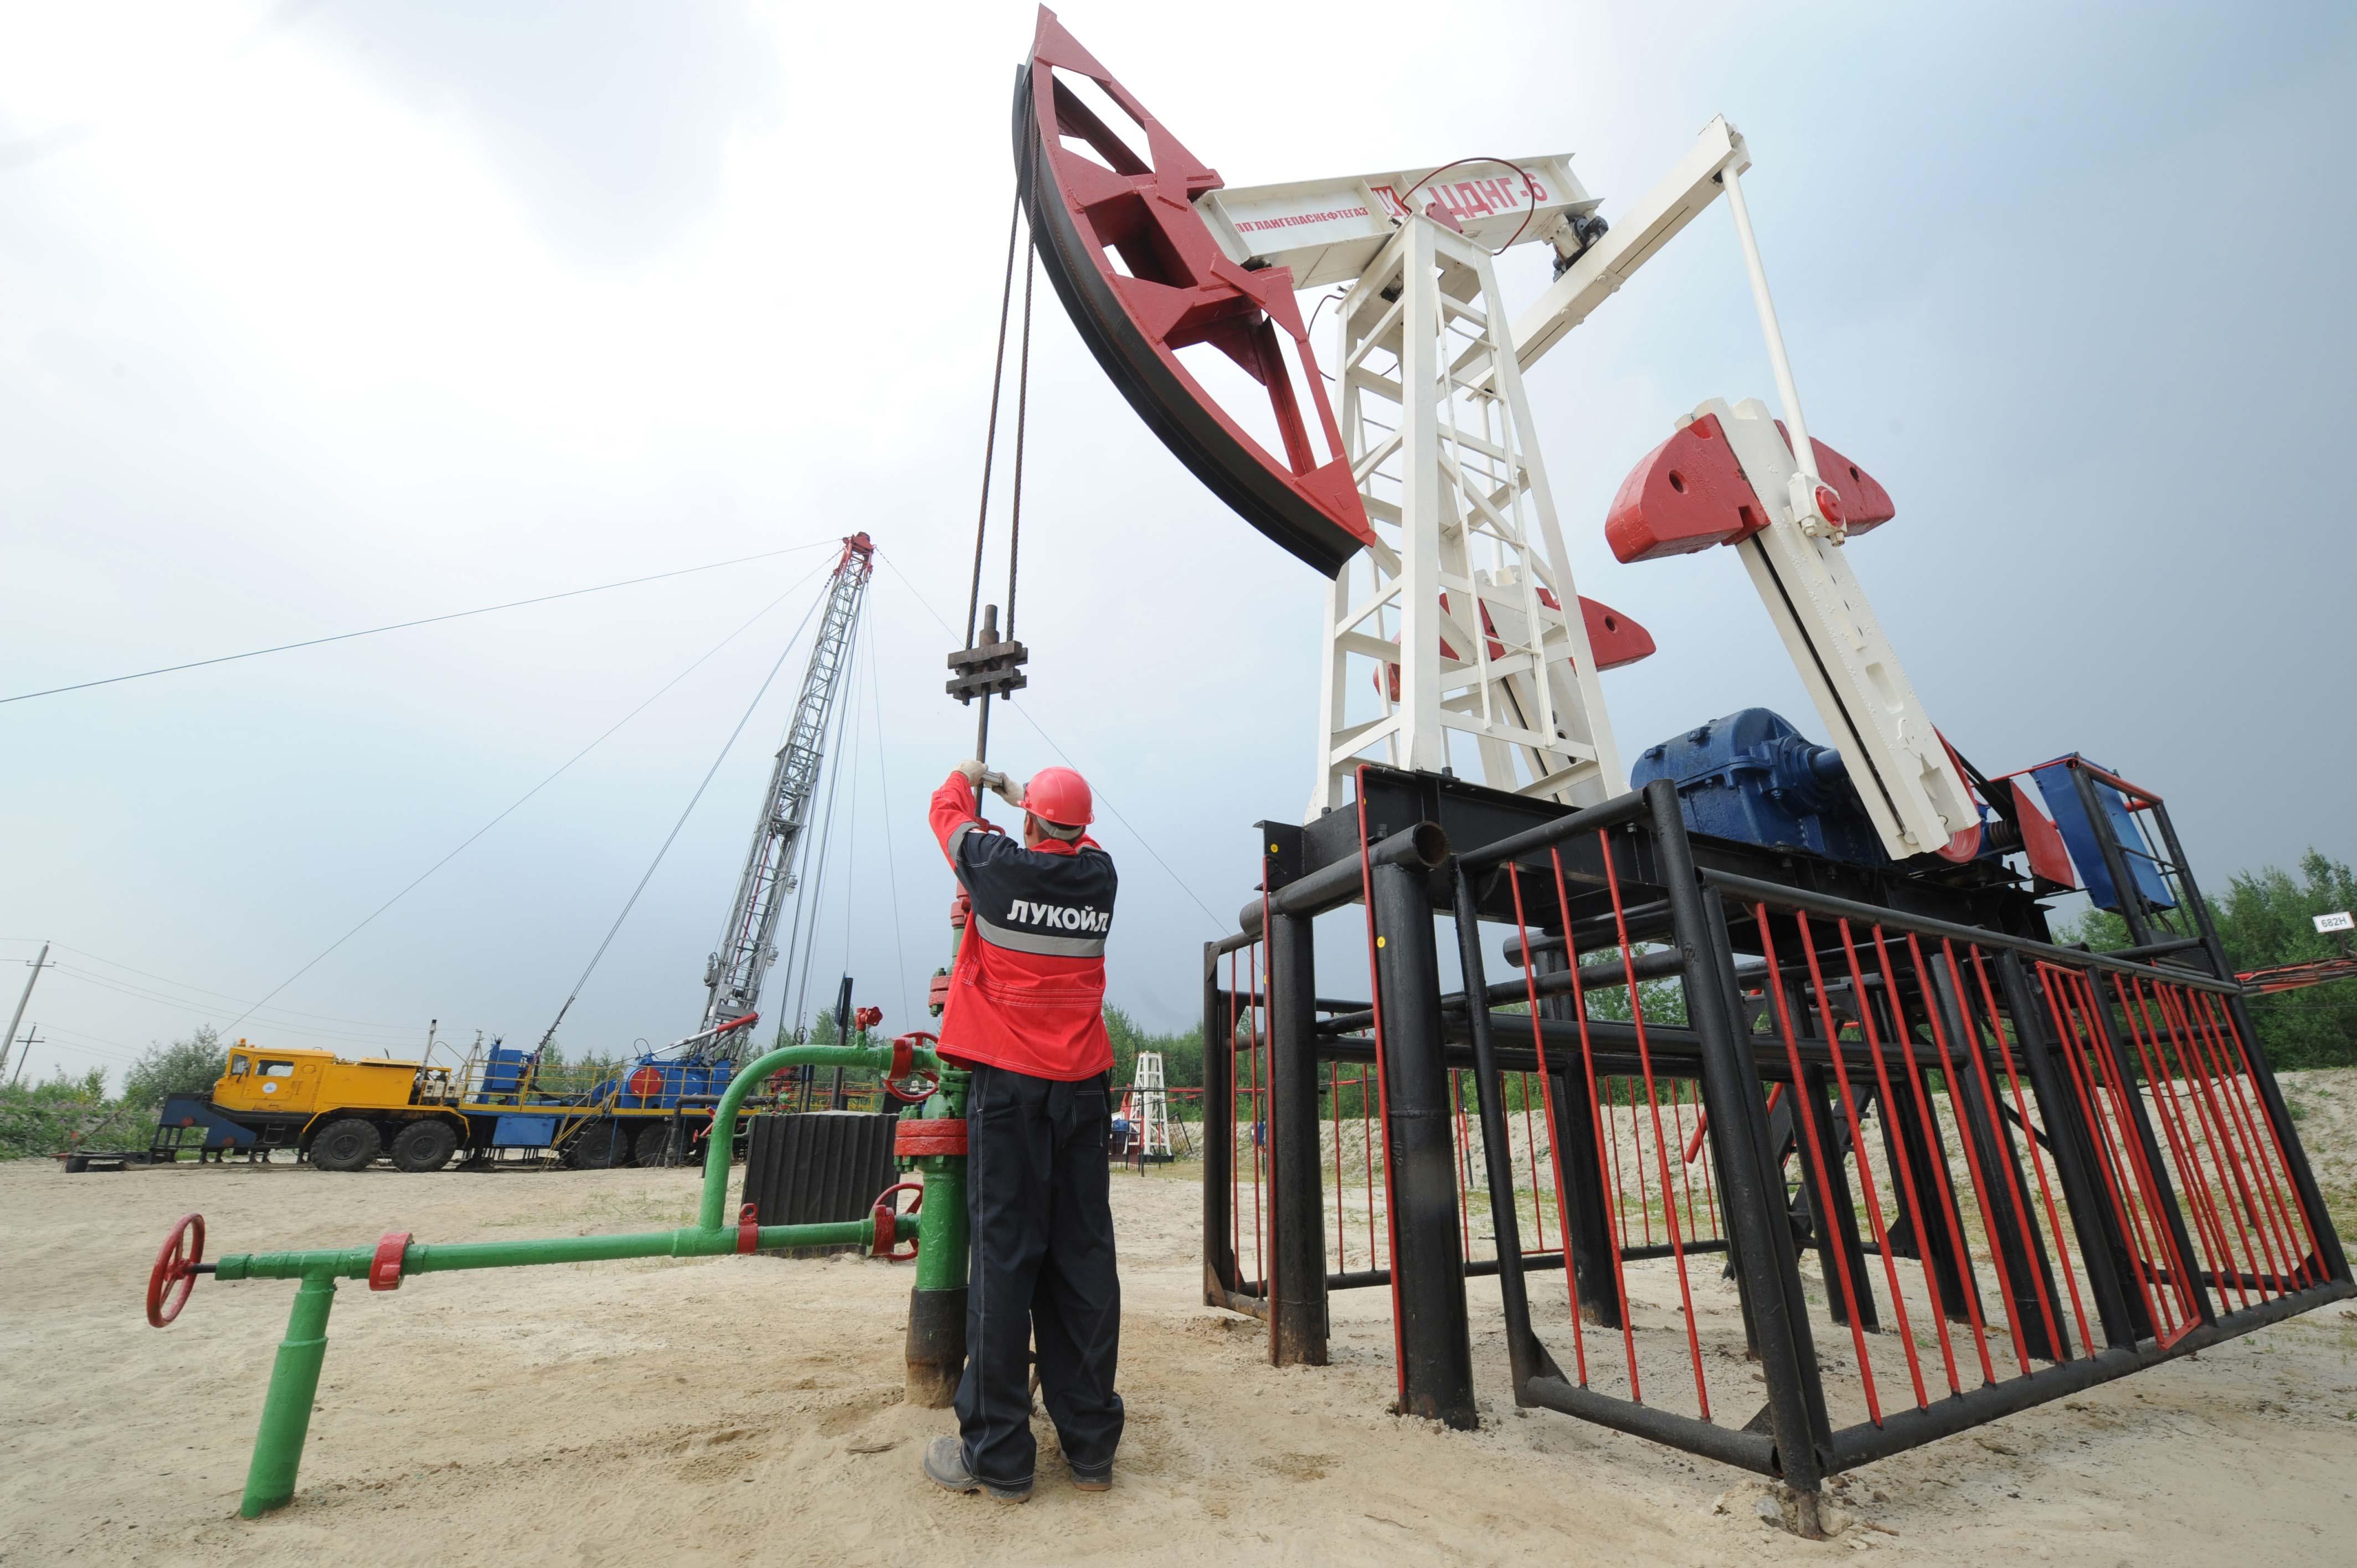 Ръстът на добива в САЩ, в Саудитска Арабия и в други страни означава, че петролът на световния пазар ще се увеличава.